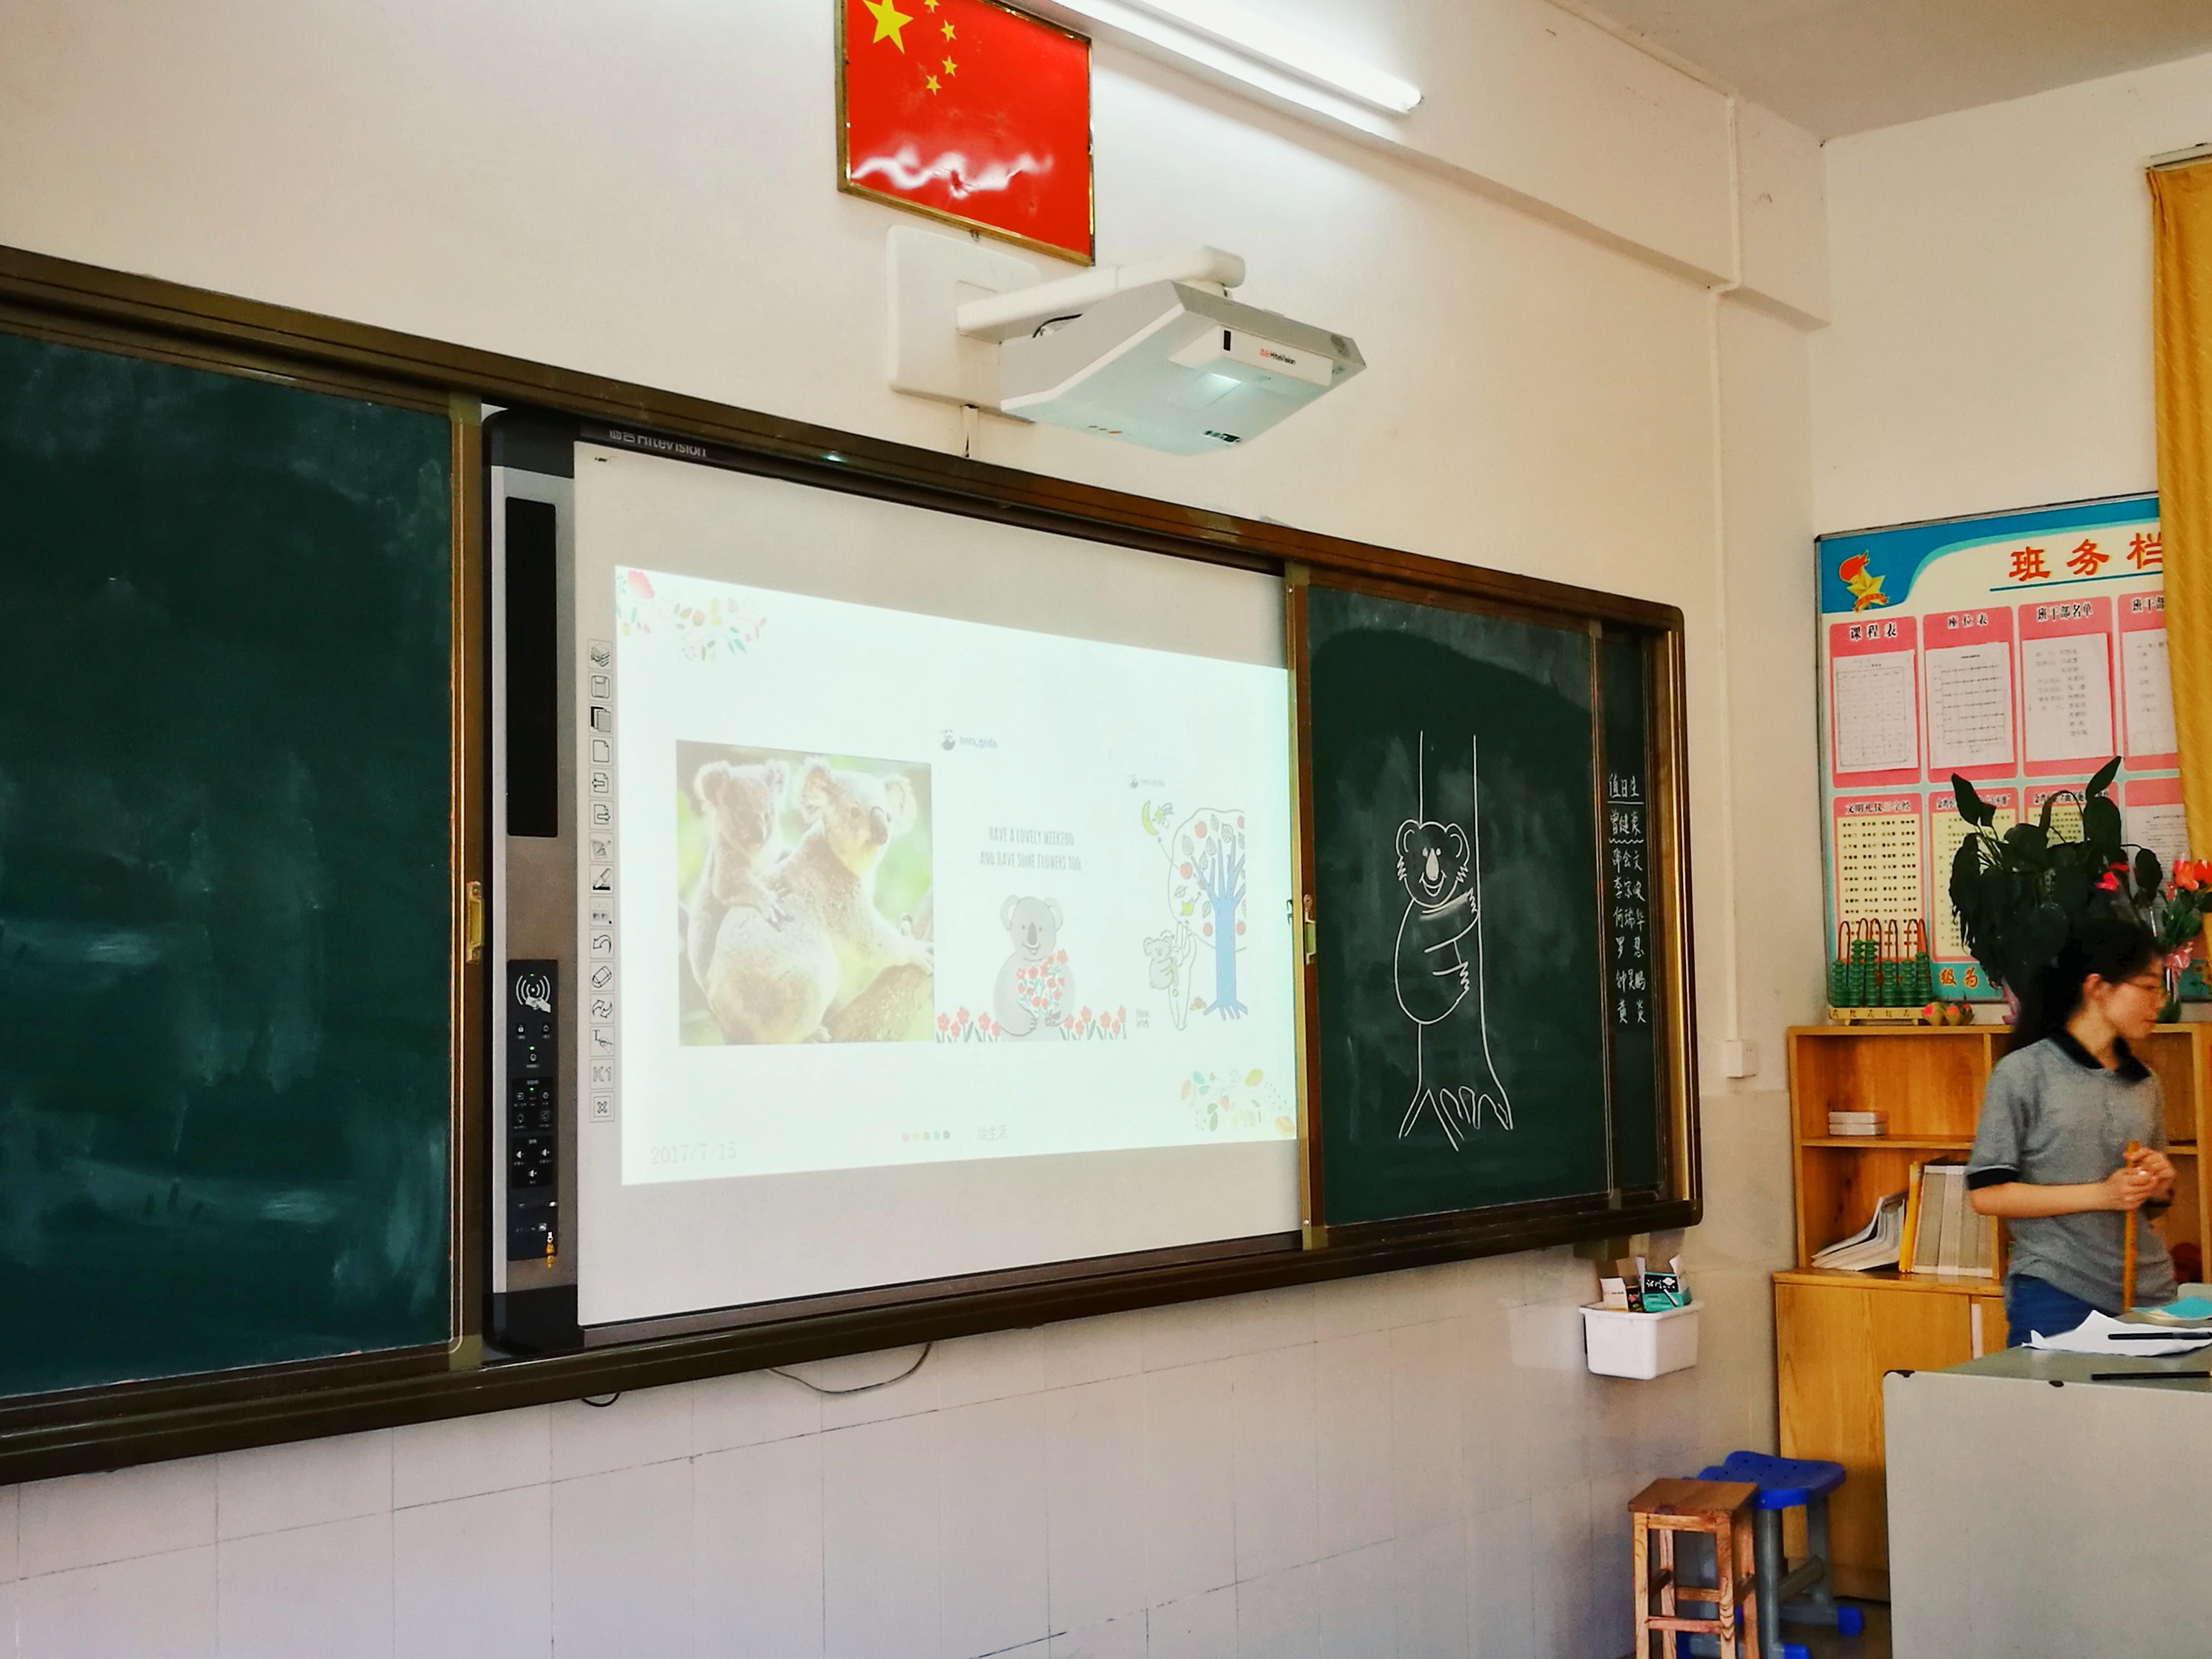 """学习""""考拉简笔画""""   上课前,感觉到自己的肠胃被紧张的情绪揪在了一起,但是当我走进教室,看到一个个学生的小脸儿时,紧张的情绪都烟消云散了,当我在黑板上一笔一划勾勒小动物的形象的时候,整个课堂很安静,看着每一个学生都认真地在画纸上描绘着附上自己的想象的图画"""